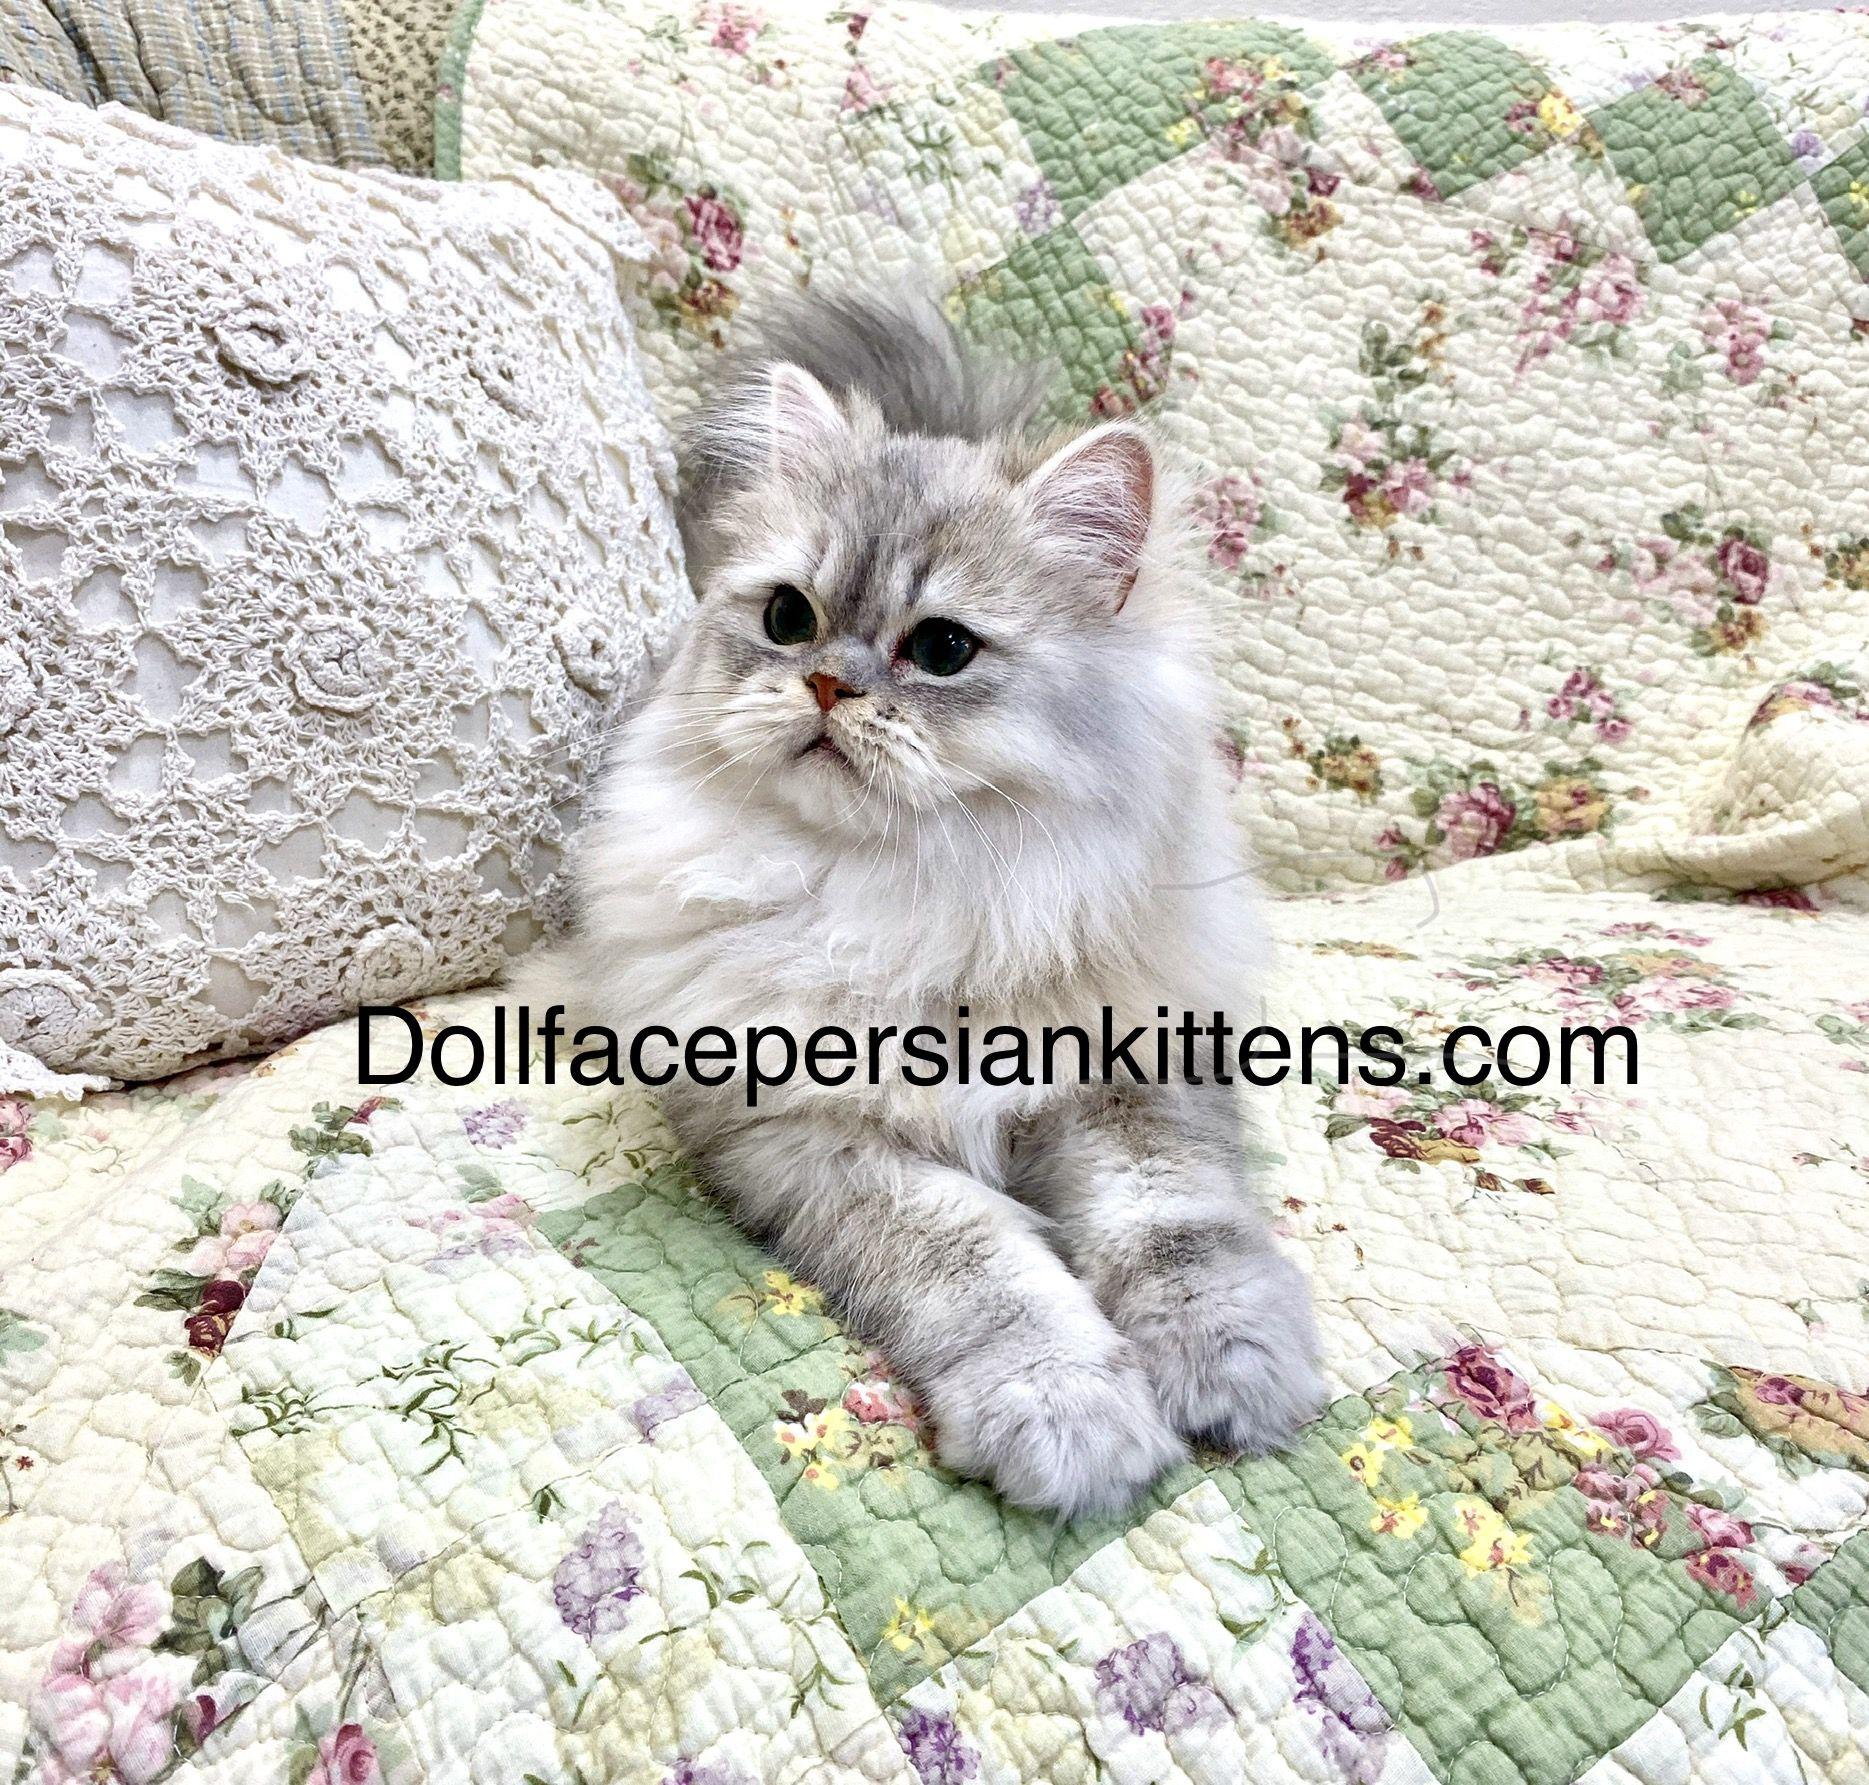 Pin By Joan On Blue Silver Tabby Kittens Persian Kittens Kittens Cutest Kitten Pictures